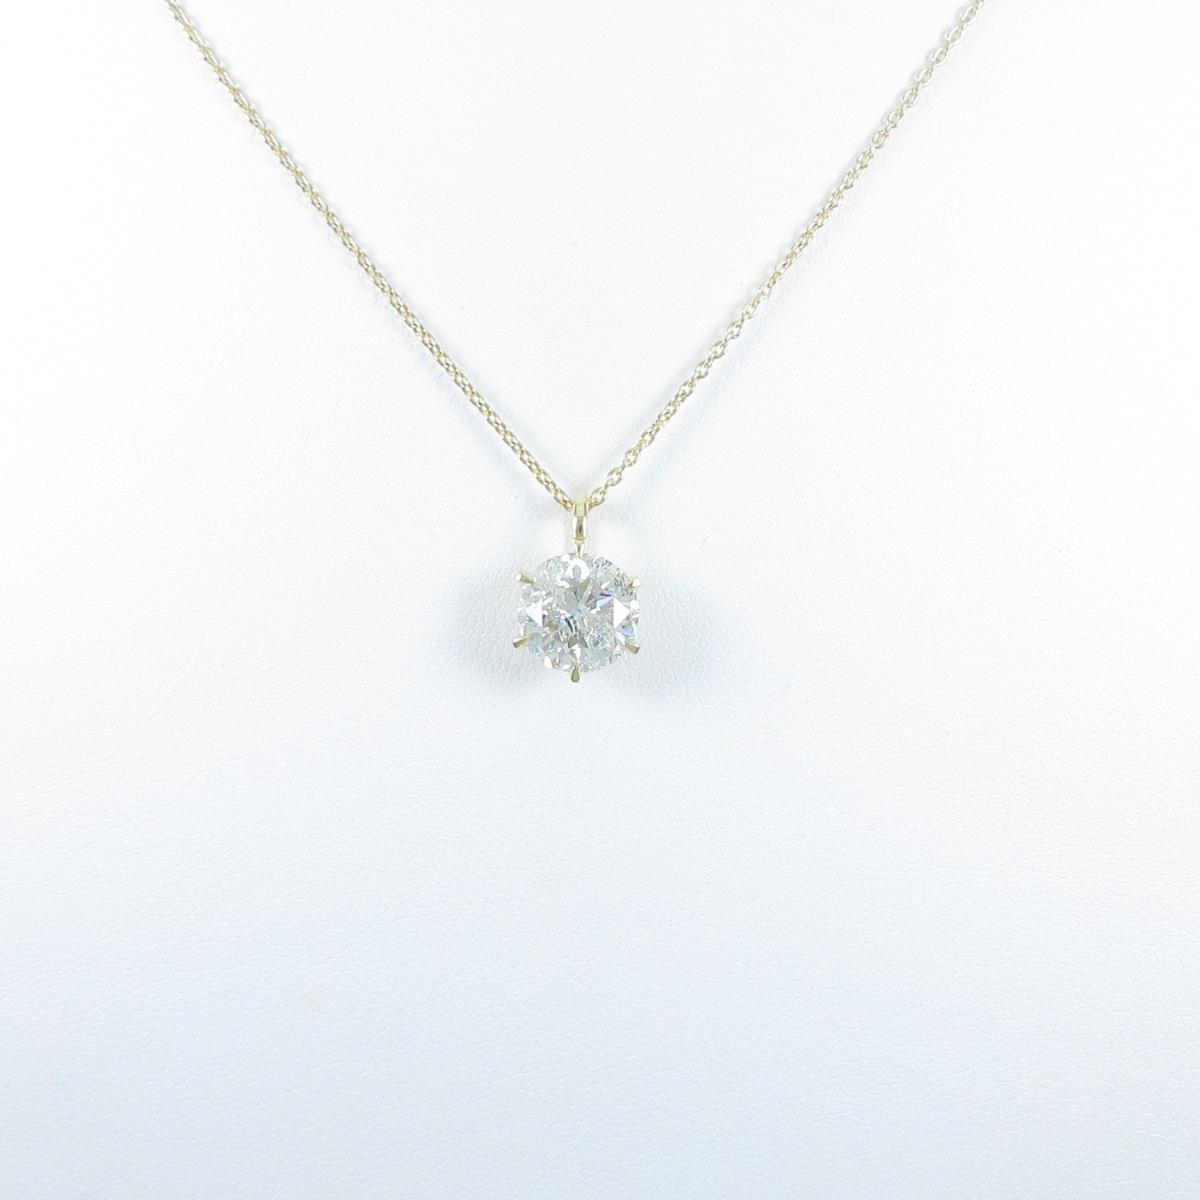 【リメイク】K18YG ダイヤモンドネックレス 3.012ct・I・I1・GOOD【中古】